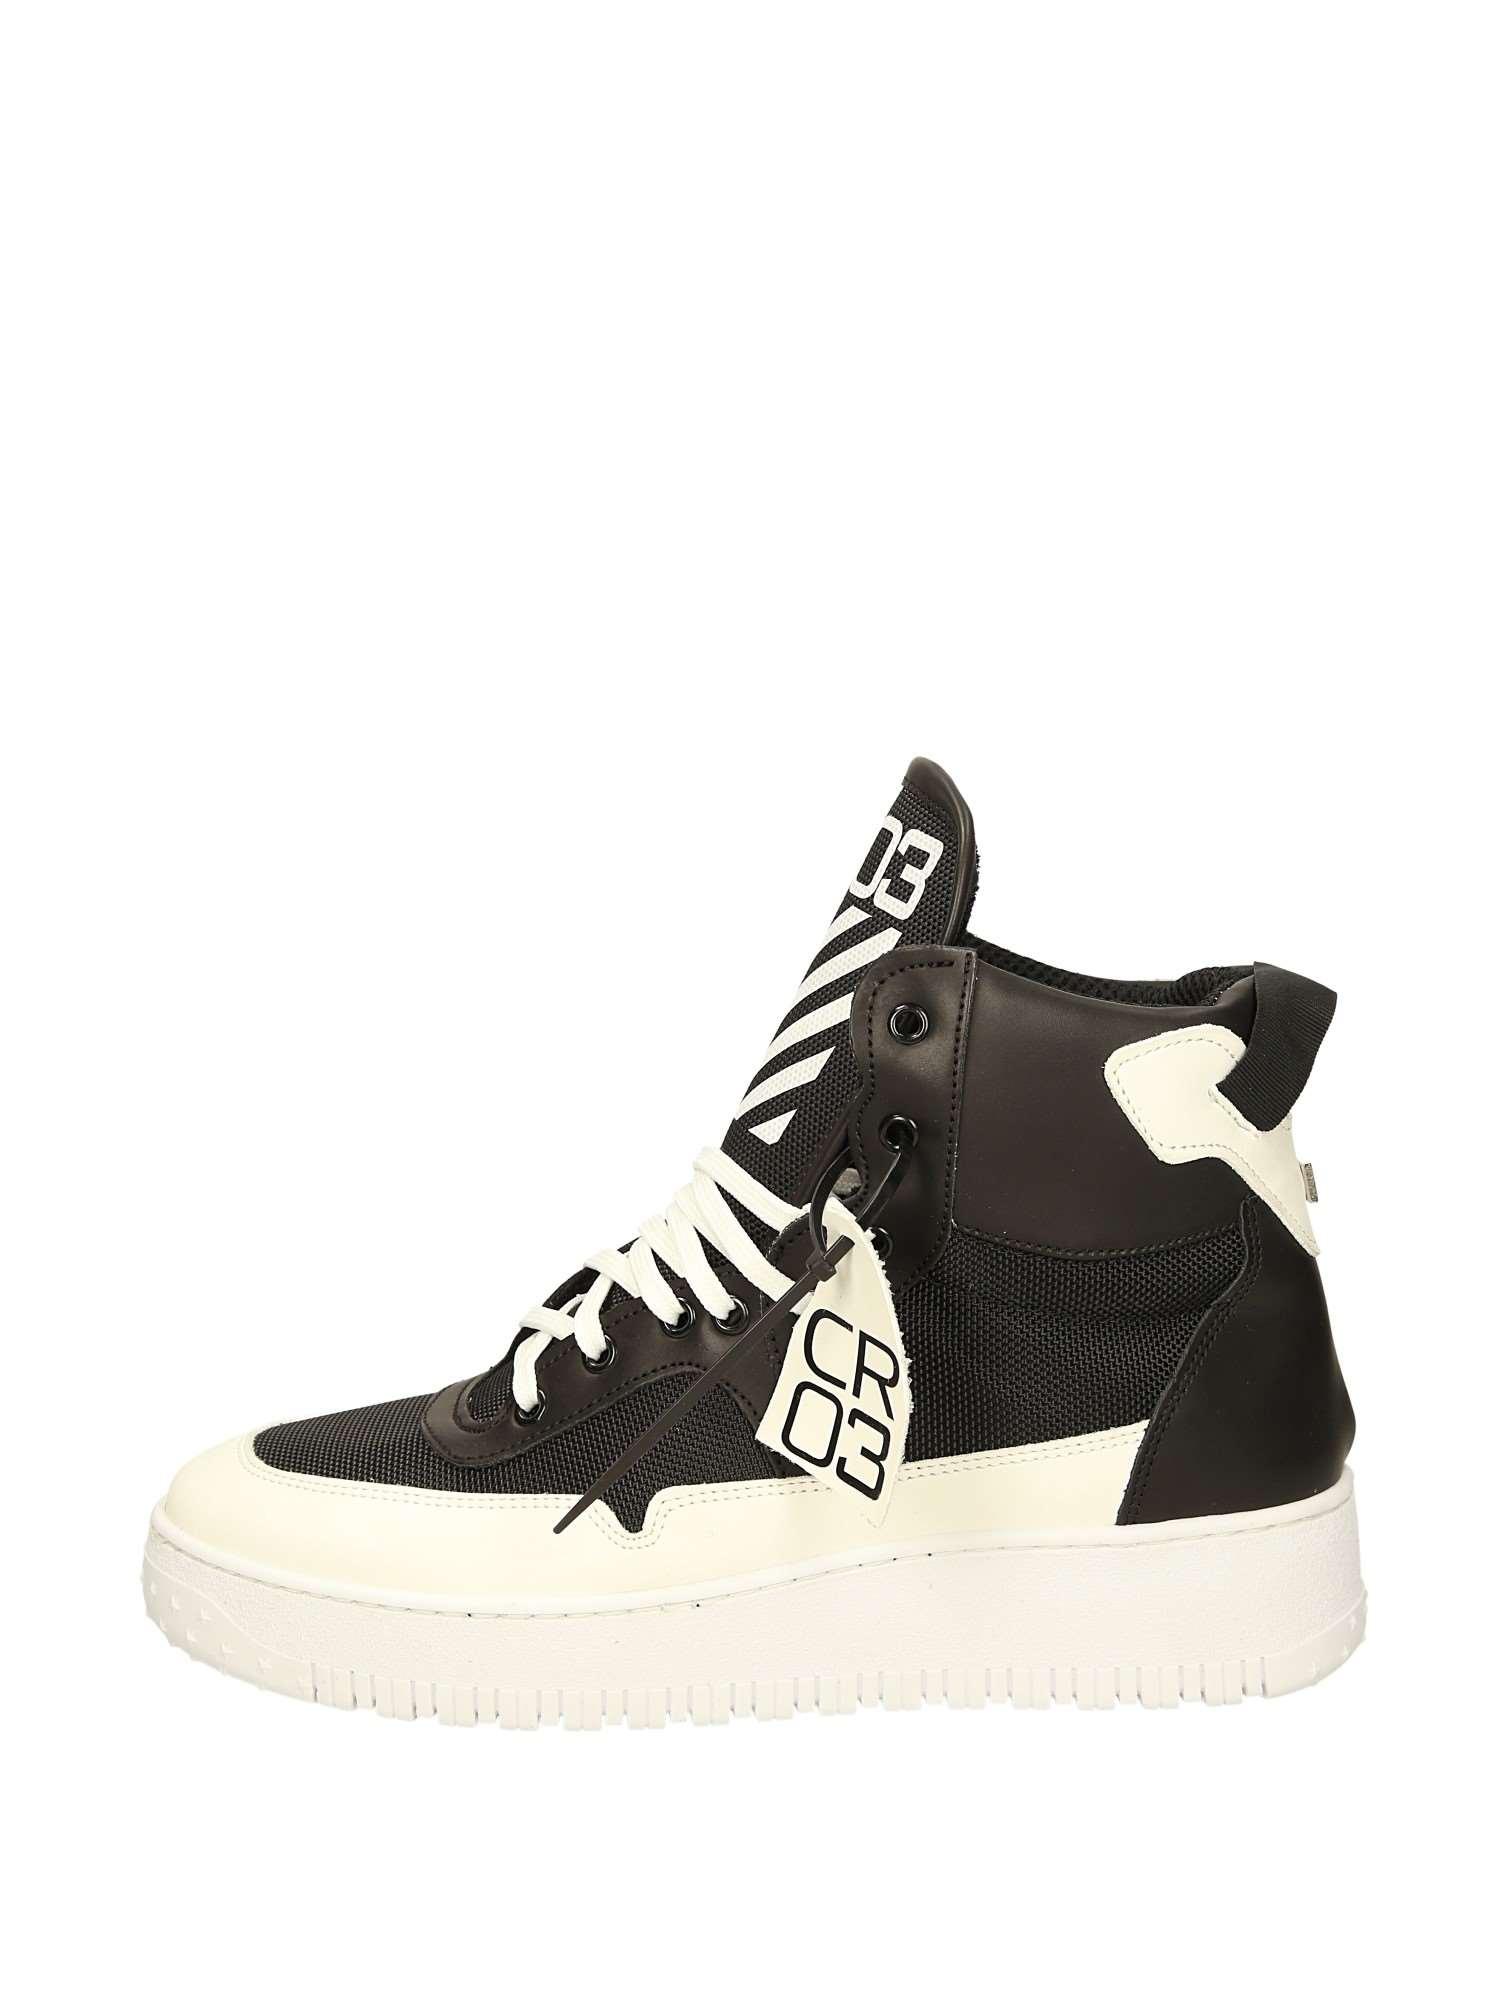 Cr03 AIR OFF VERSIONE1 Nero Bianco Scarpe Uomo Sneakers 6d0873f506c